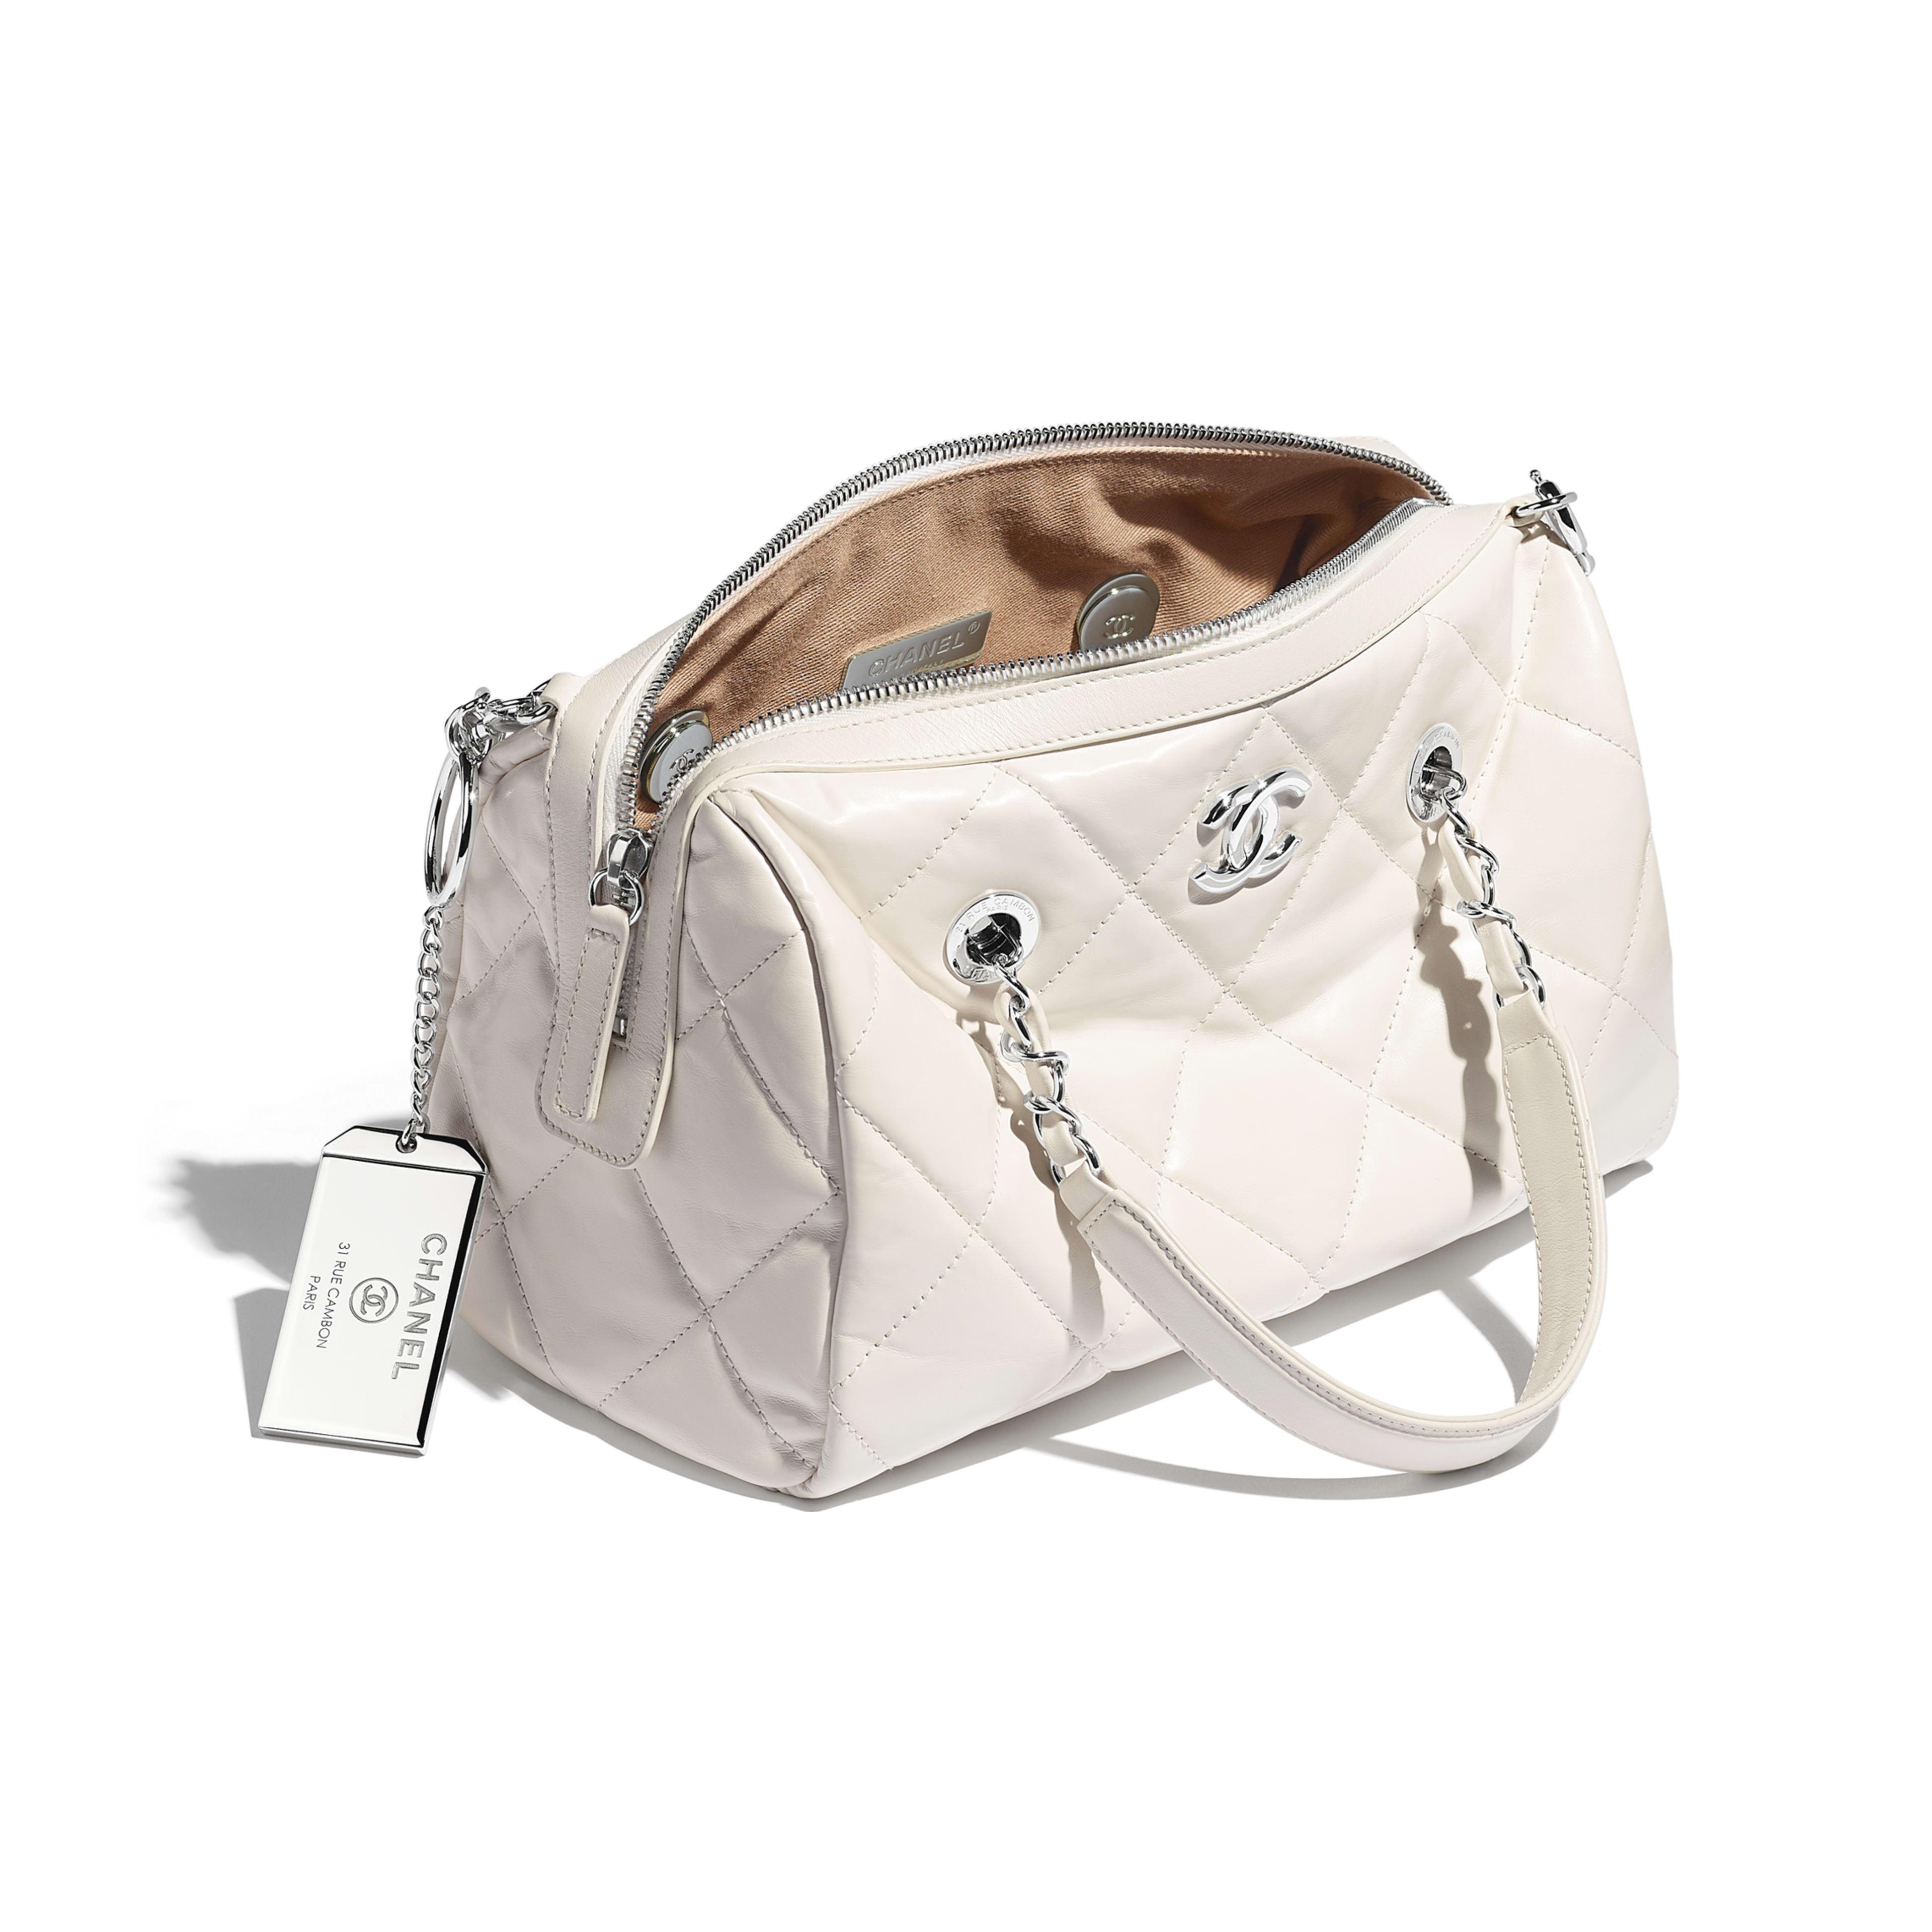 กระเป๋าทรงโบว์ลิ่งใบเล็ก - สีขาว - หนังลูกวัวและโลหะสีเงิน - มุมมองอื่น - ดูเวอร์ชันขนาดเต็ม